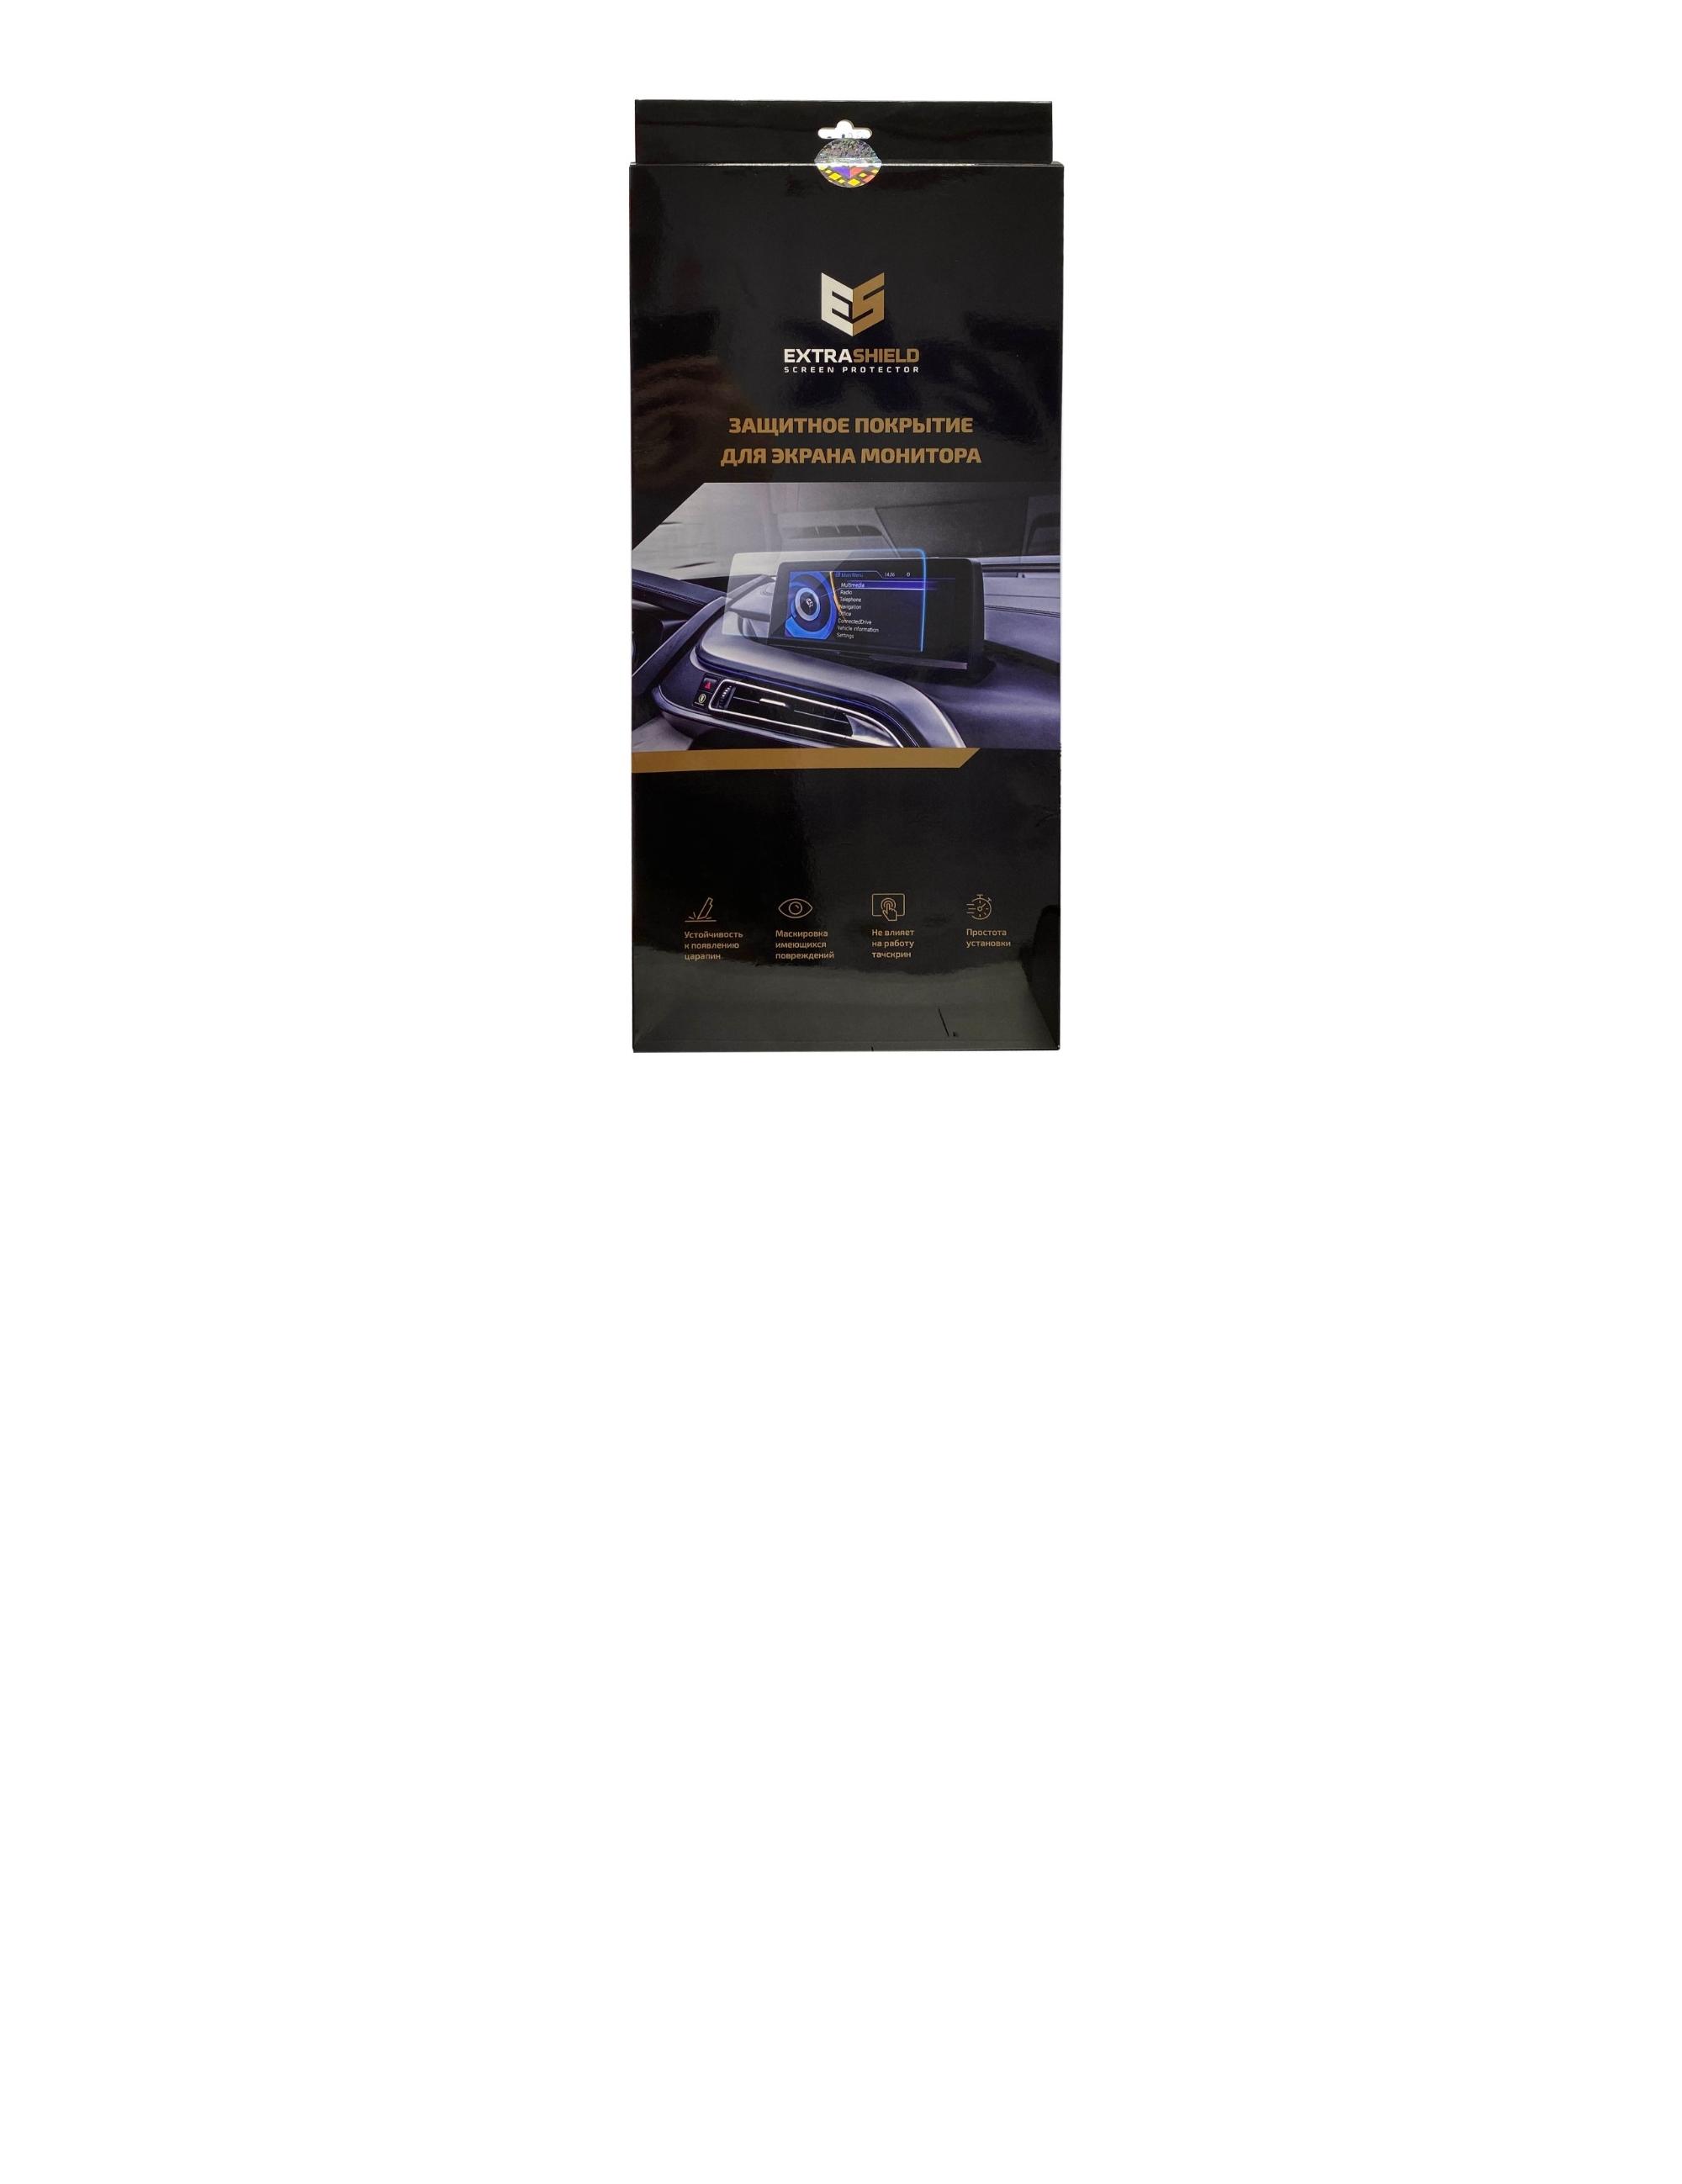 Aston Martin Vantage 2017 - н.в. мультимедиа 12 Статическая пленка Матовая